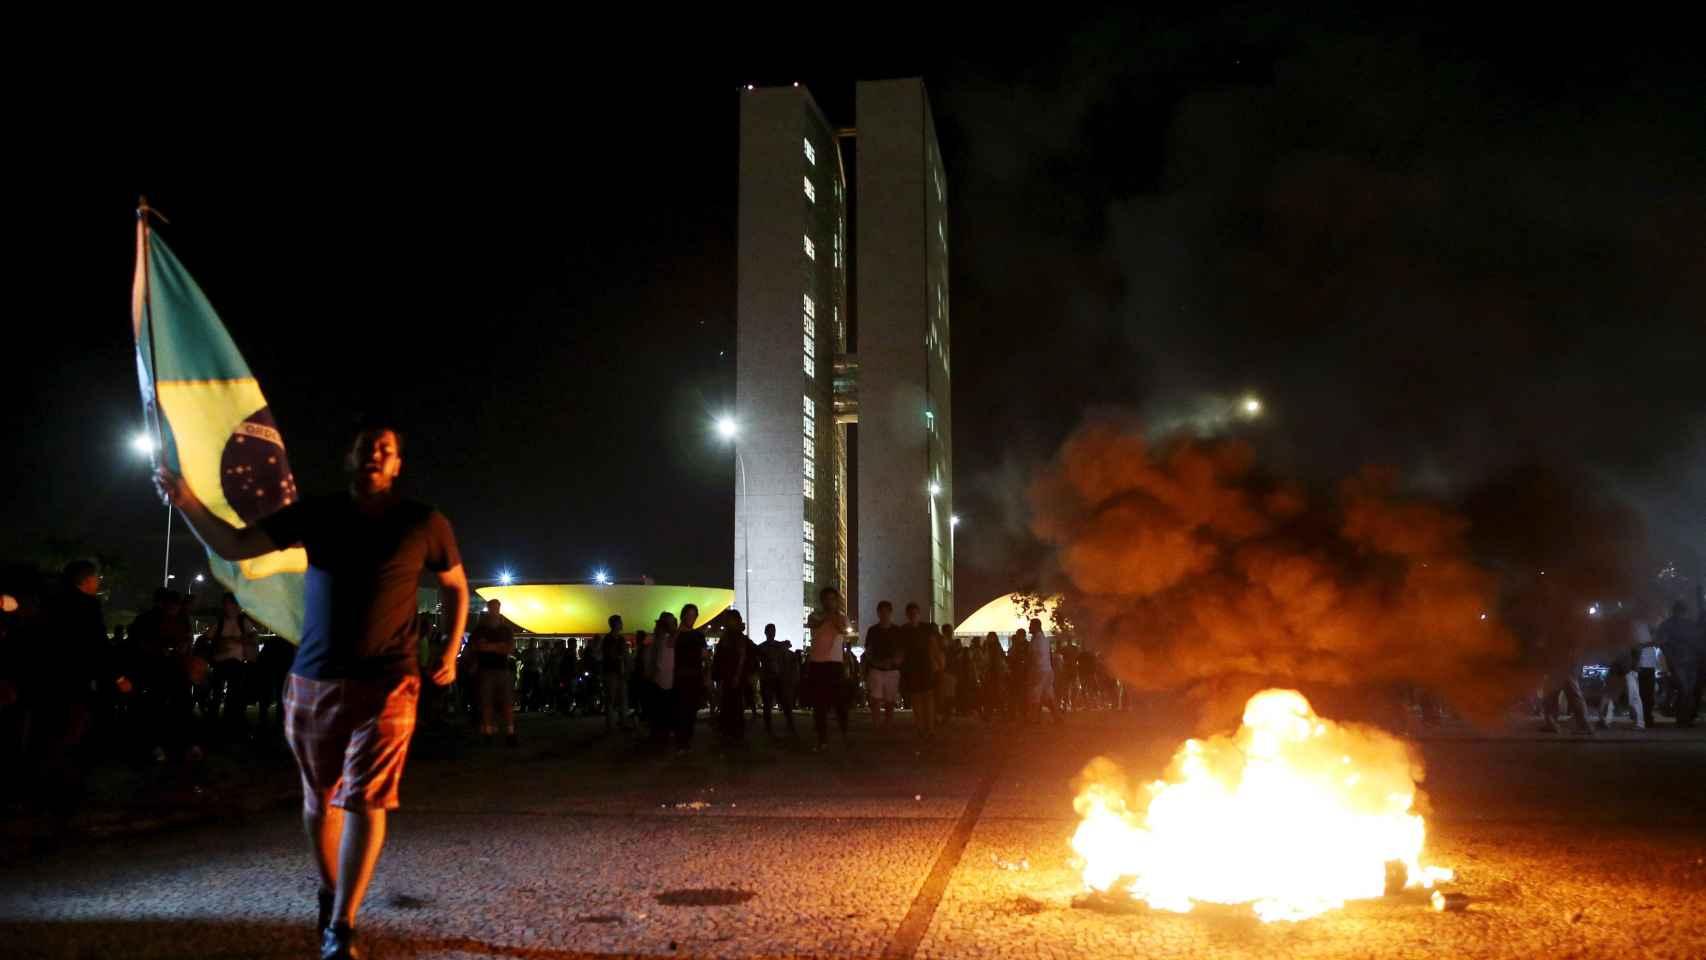 Protestas en las calles de Brasilia tras conocerse el nombramiento como ministro de Lula Da Silva